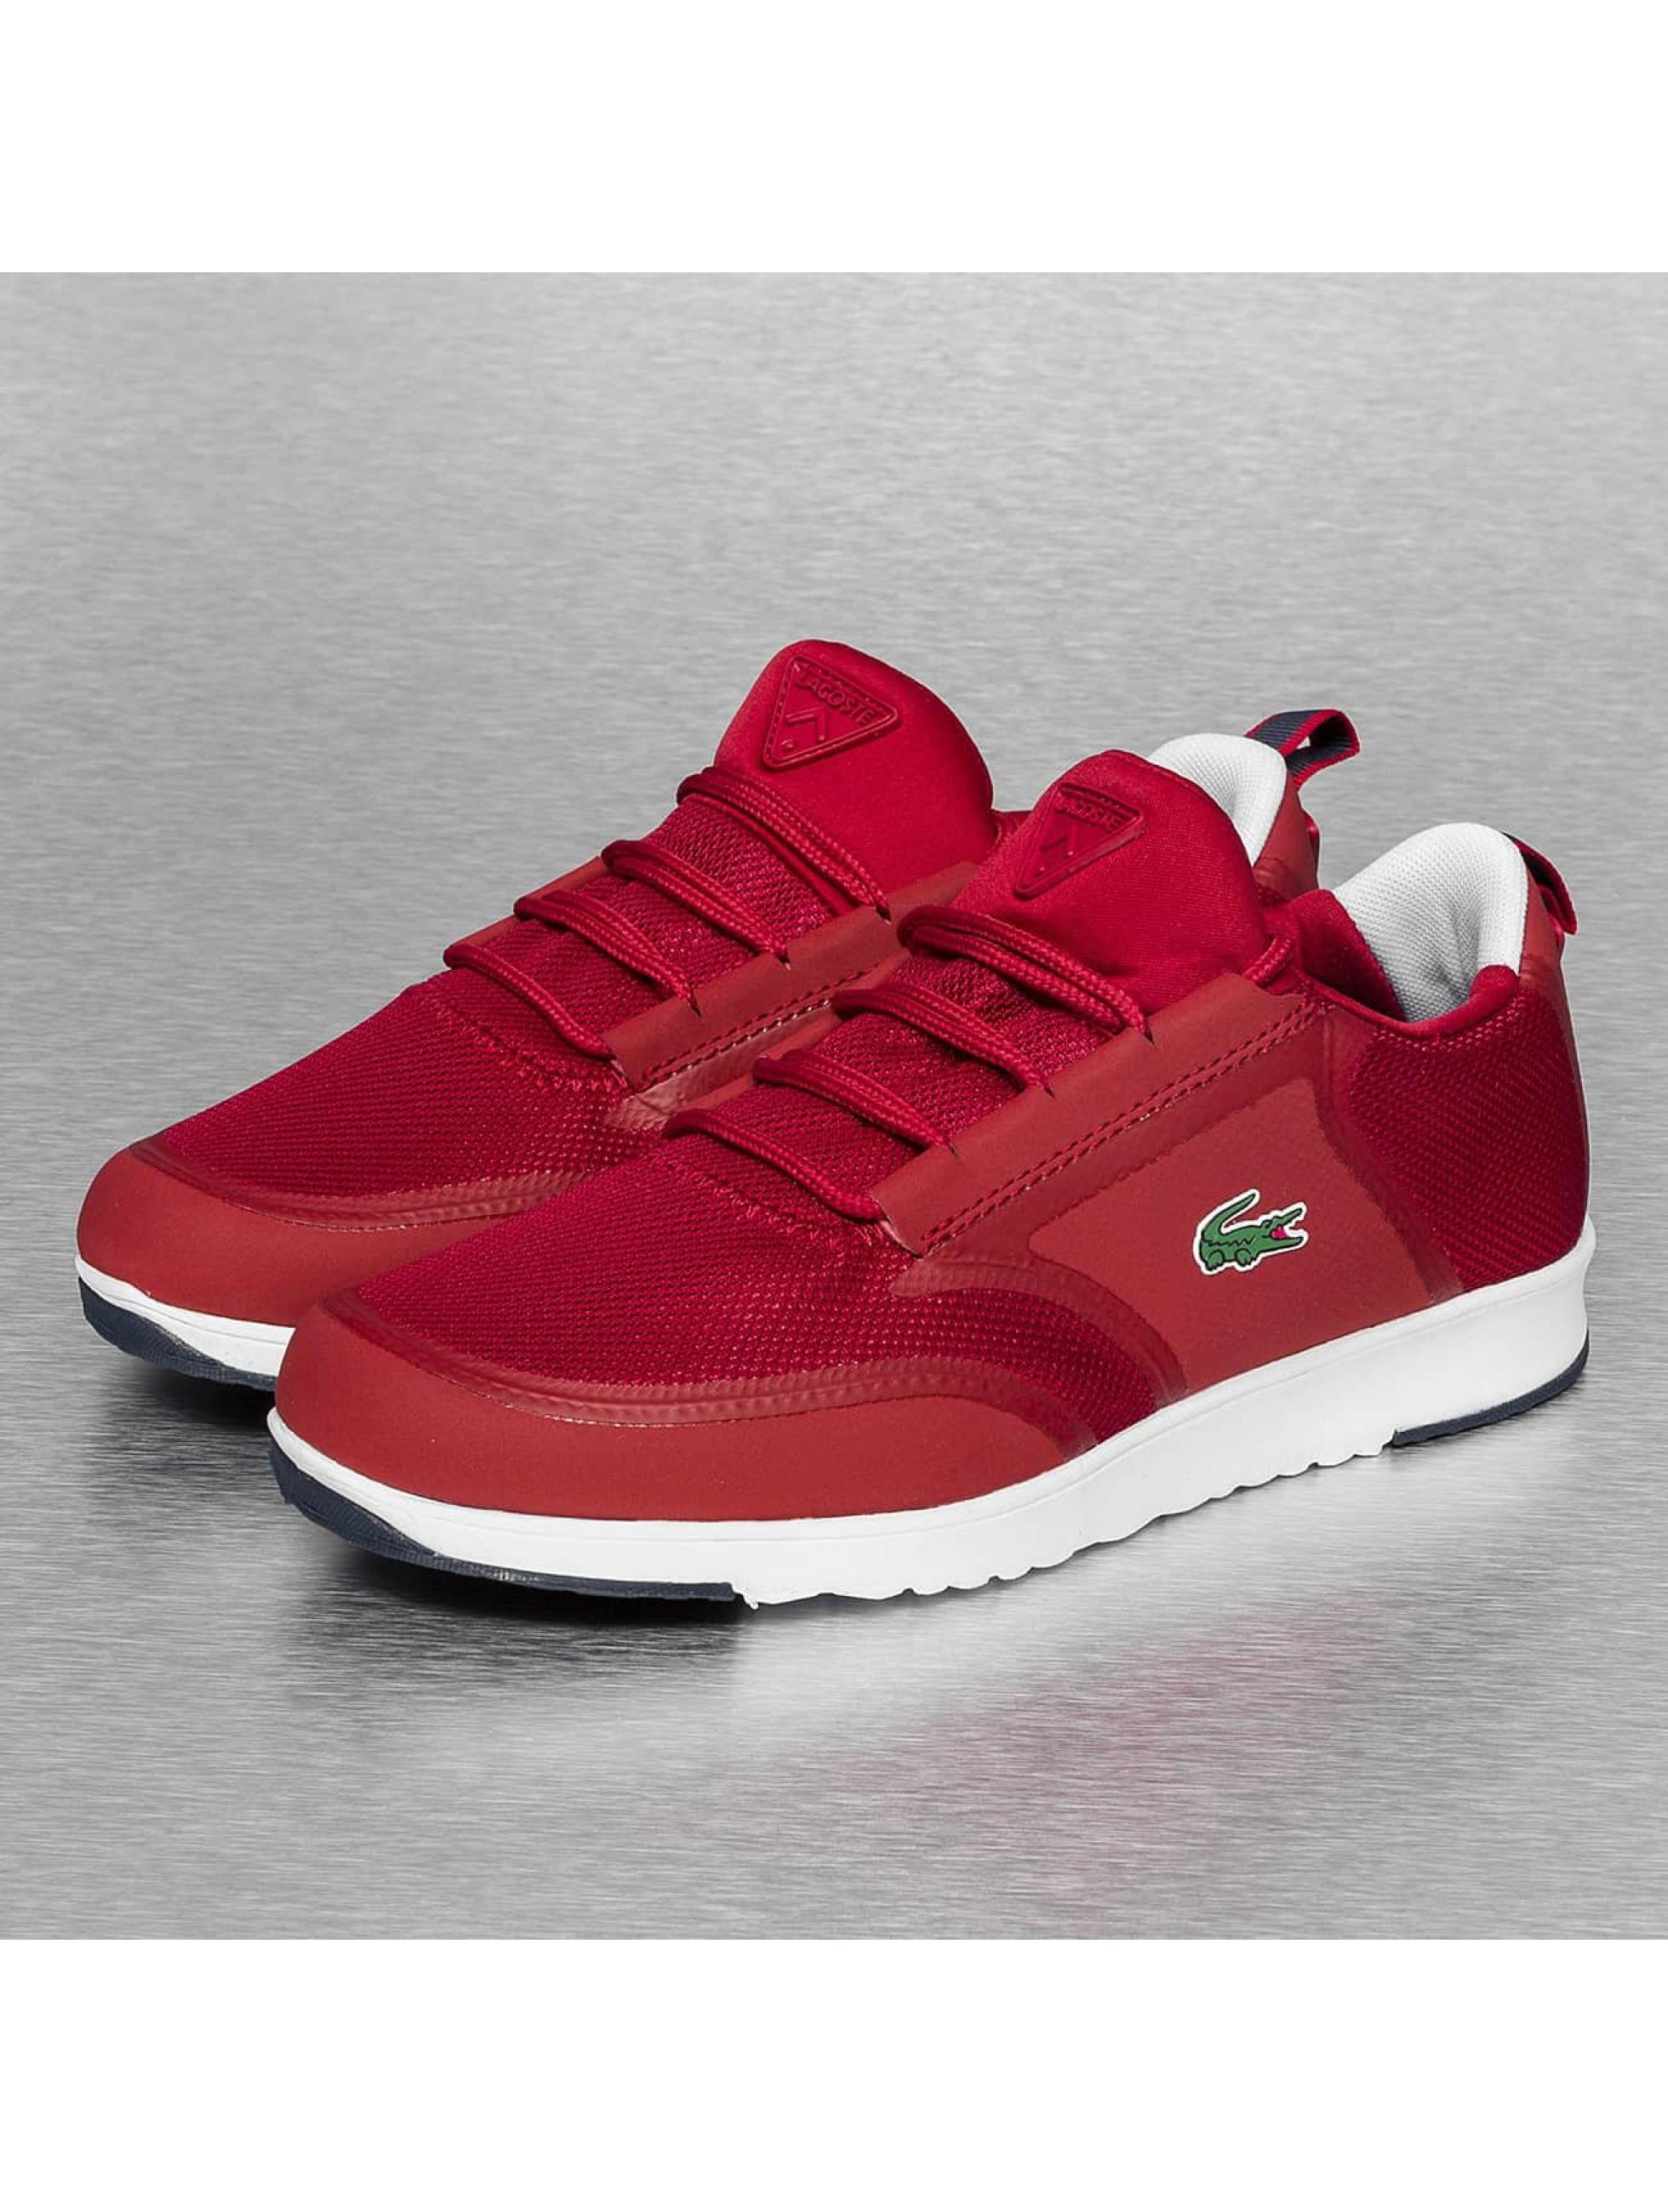 lacoste chaussures baskets light 116 en rouge 240663. Black Bedroom Furniture Sets. Home Design Ideas